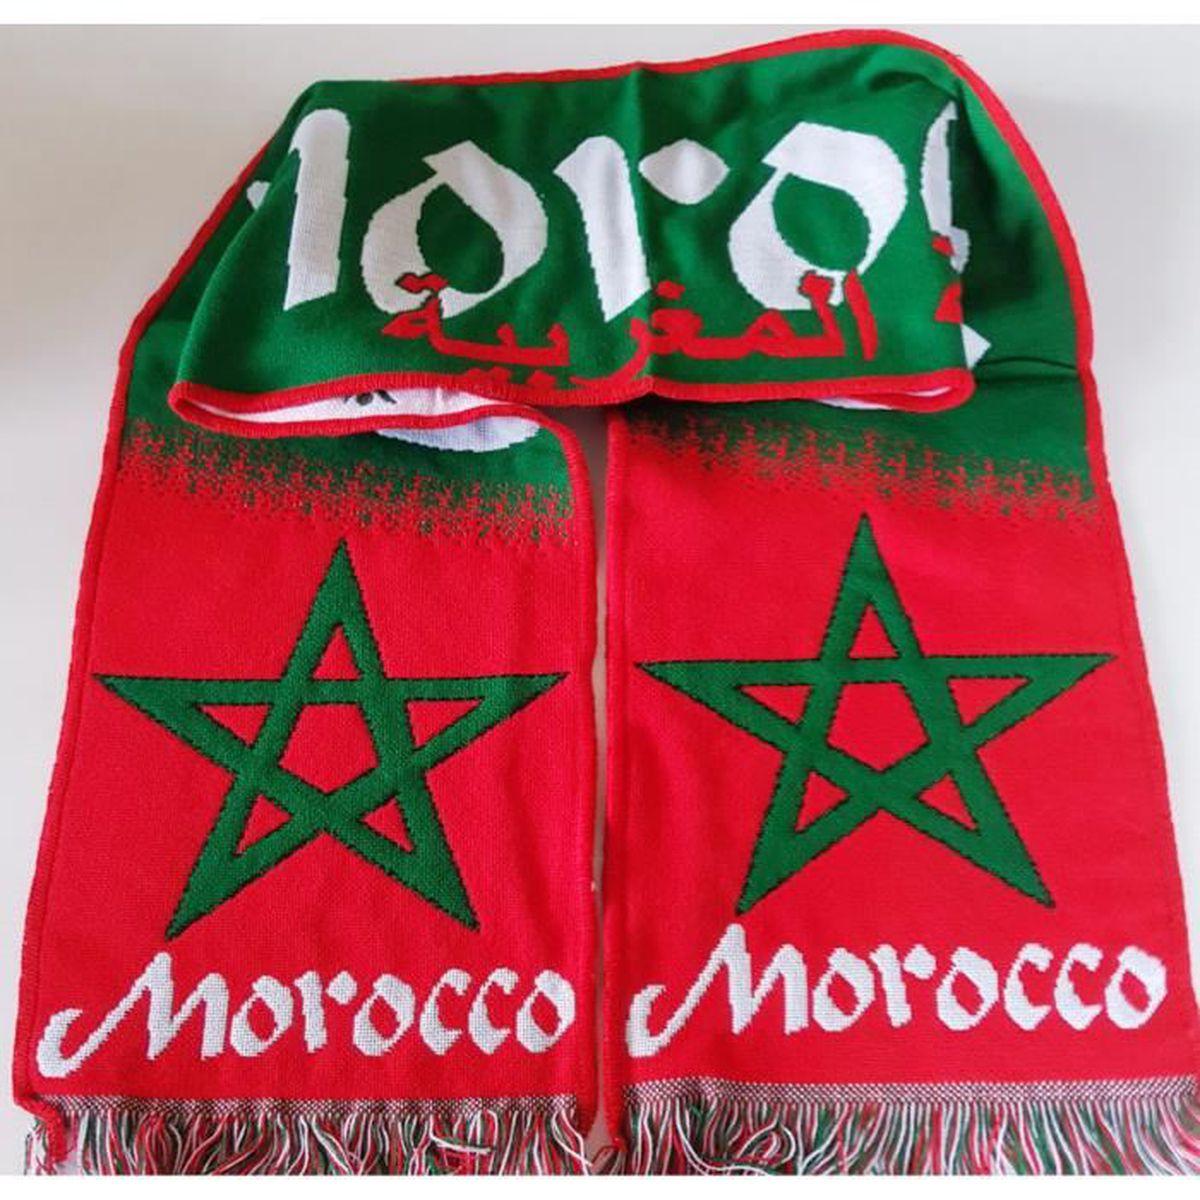 Maroc Football Supporter Morocco Achat Vente Vert Echarpe H6R1qwxC 14e805fd447